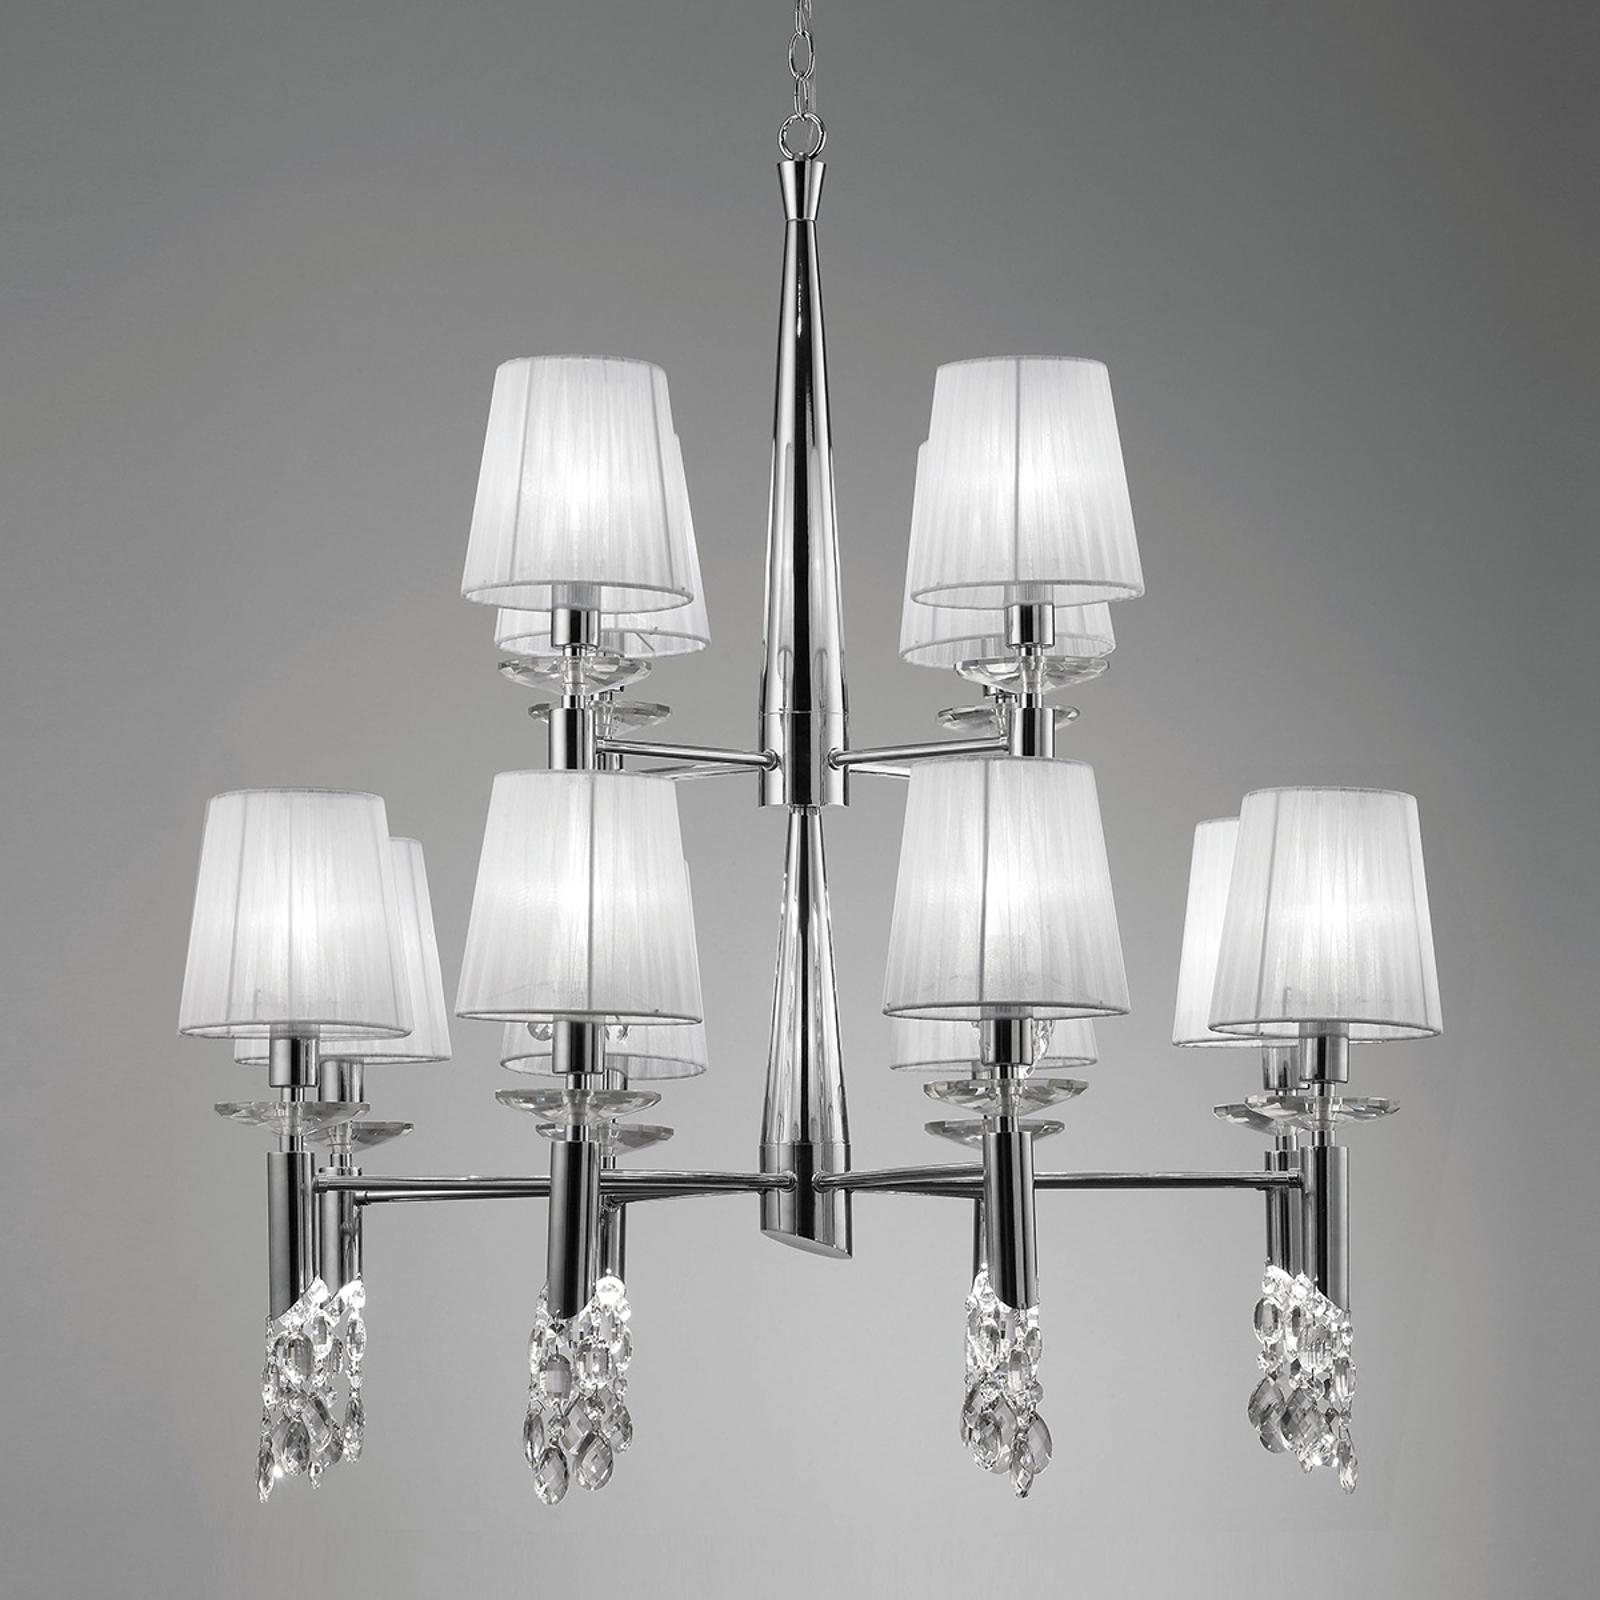 Kroonluchter Lilja 12-lamps